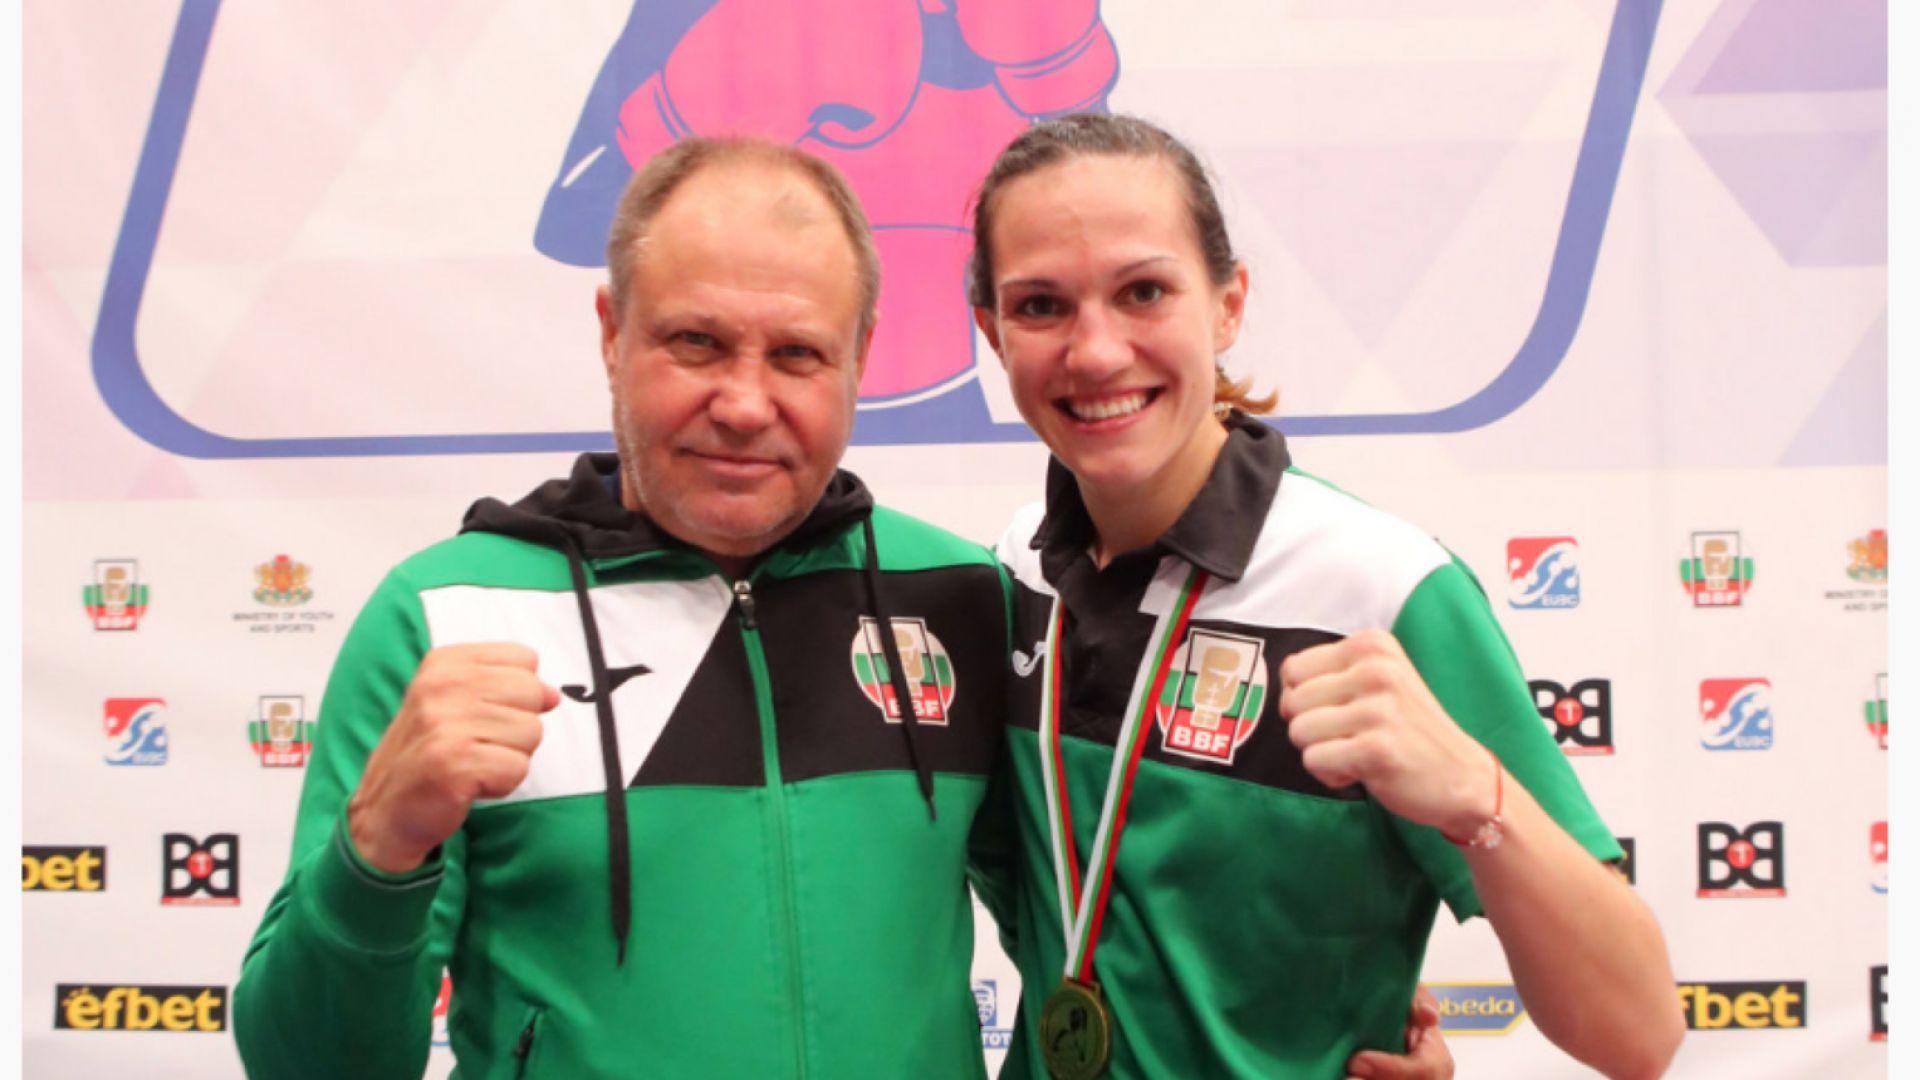 Федерацията по бокс наказа Петър Лесов и Станимира Петрова